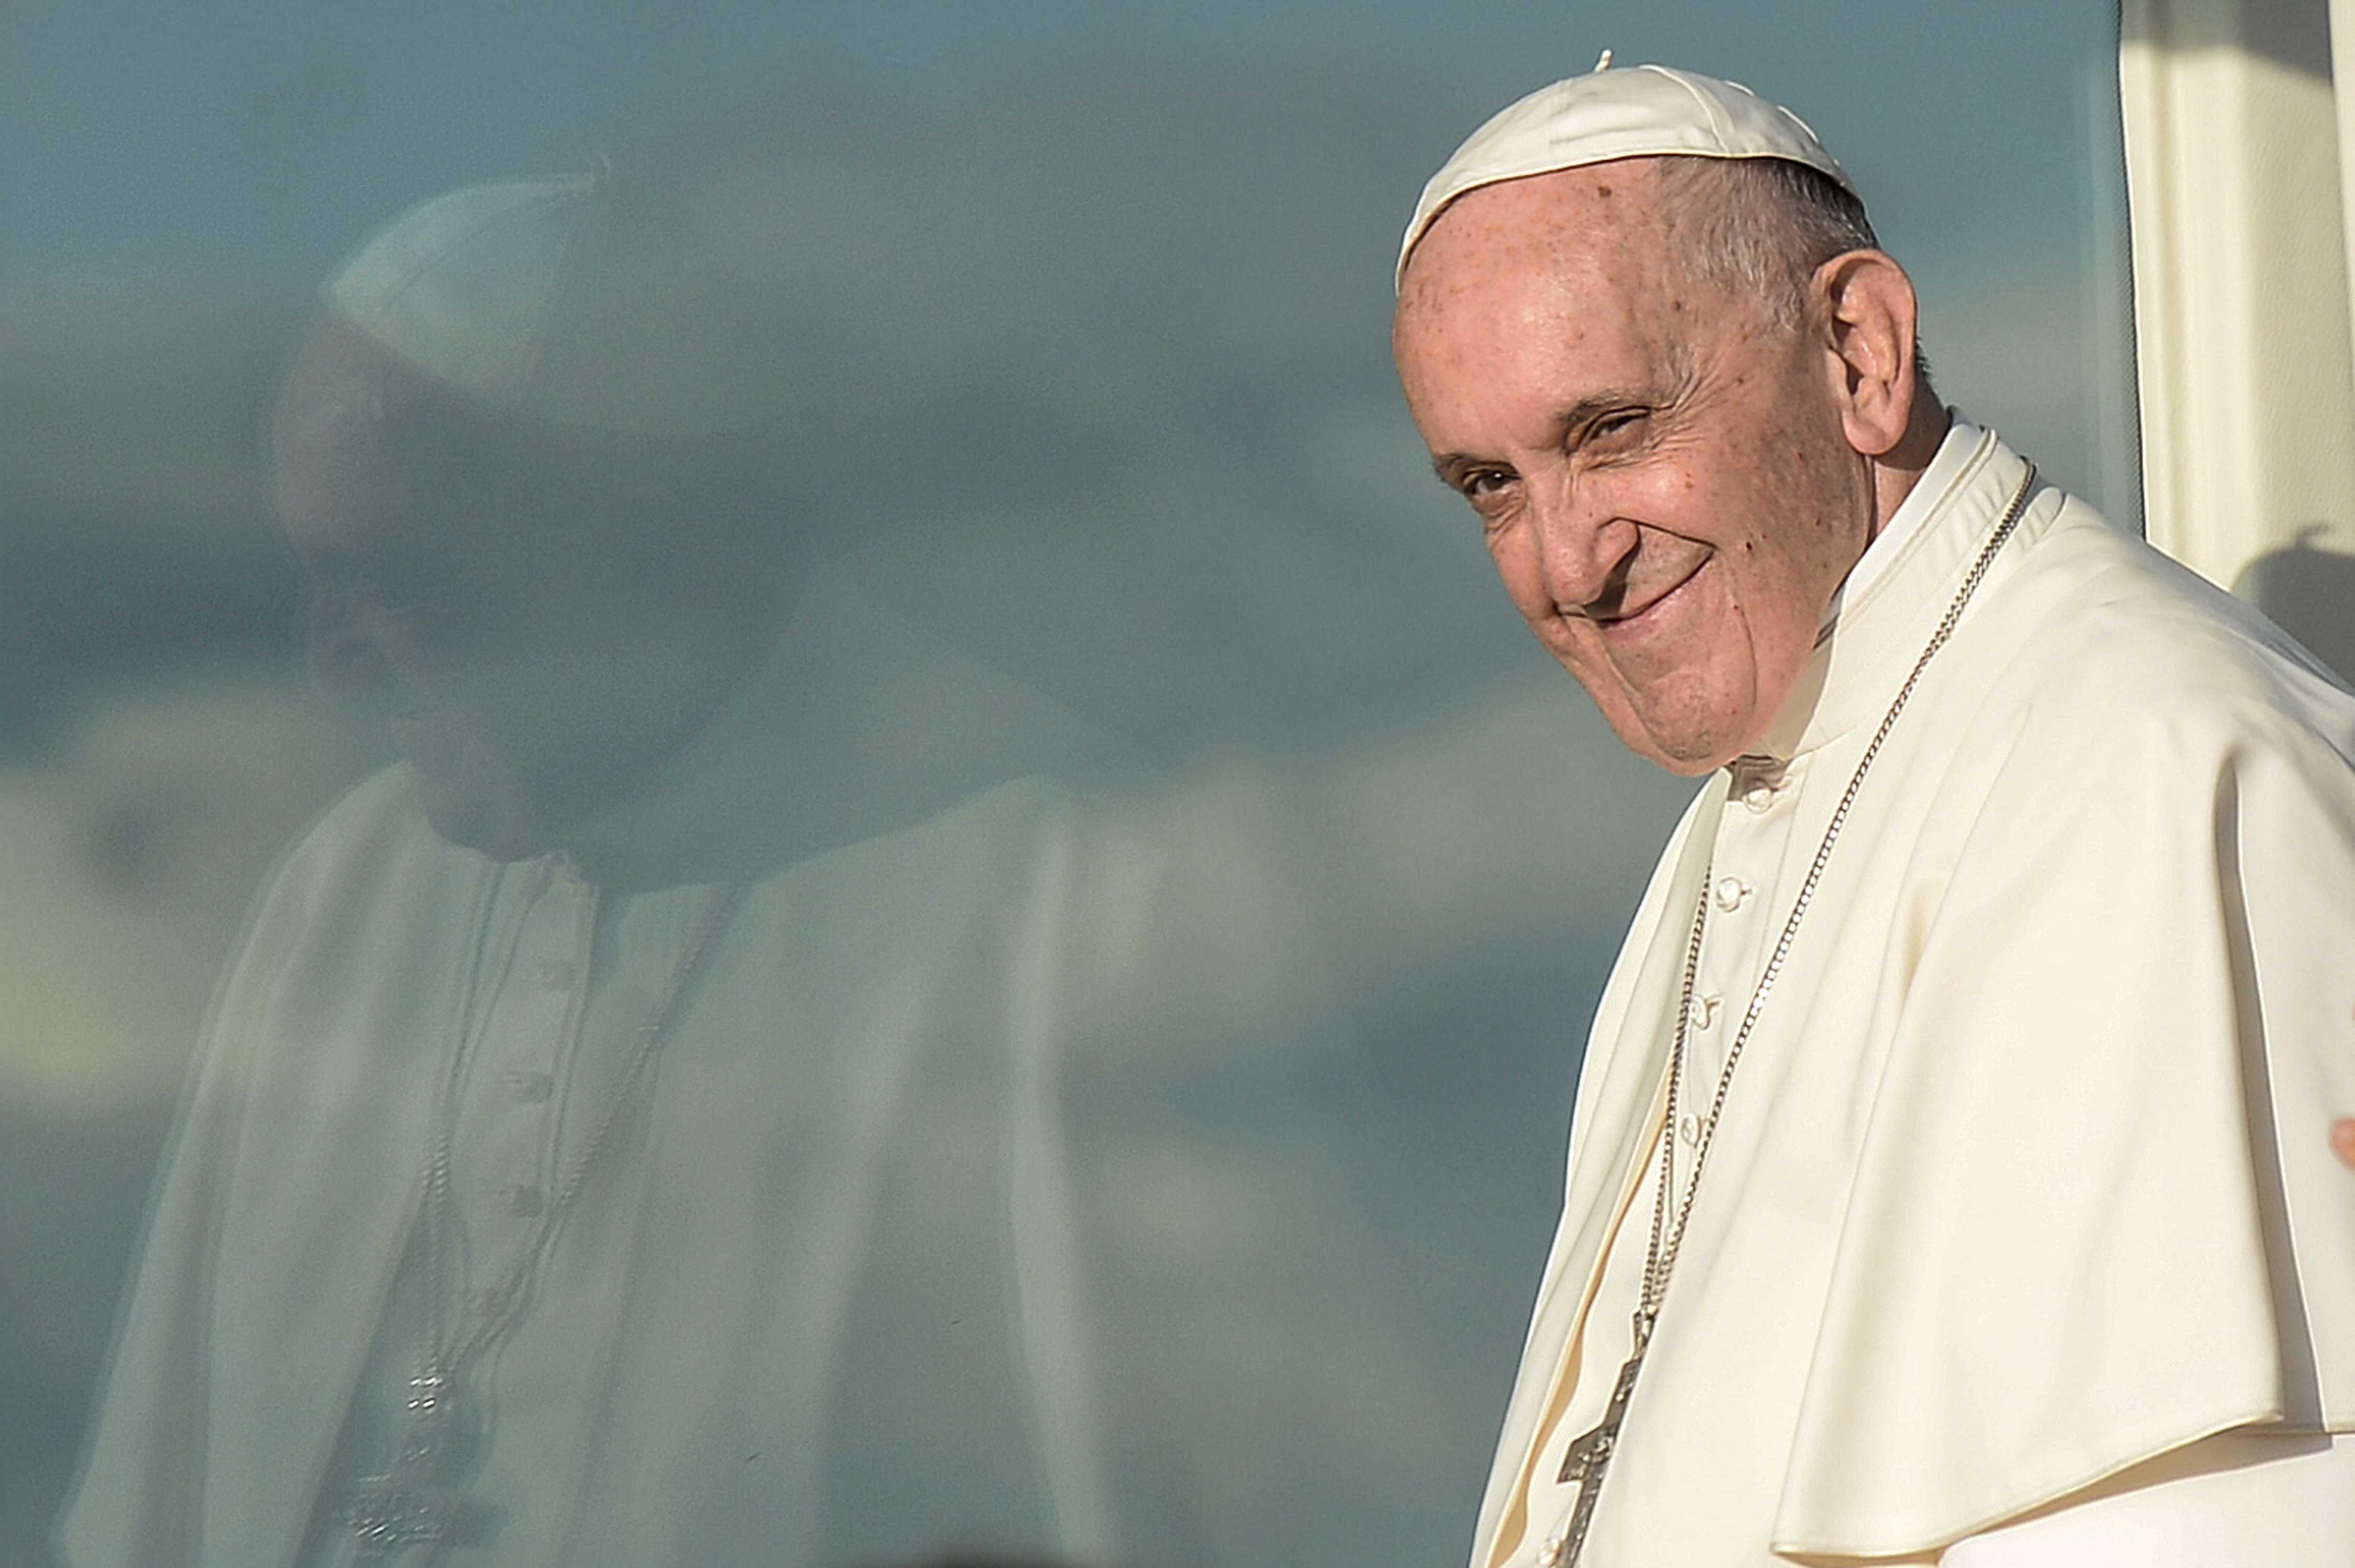 Papa convoca a jóvenes creyentes y no creyentes para preparar Sínodo